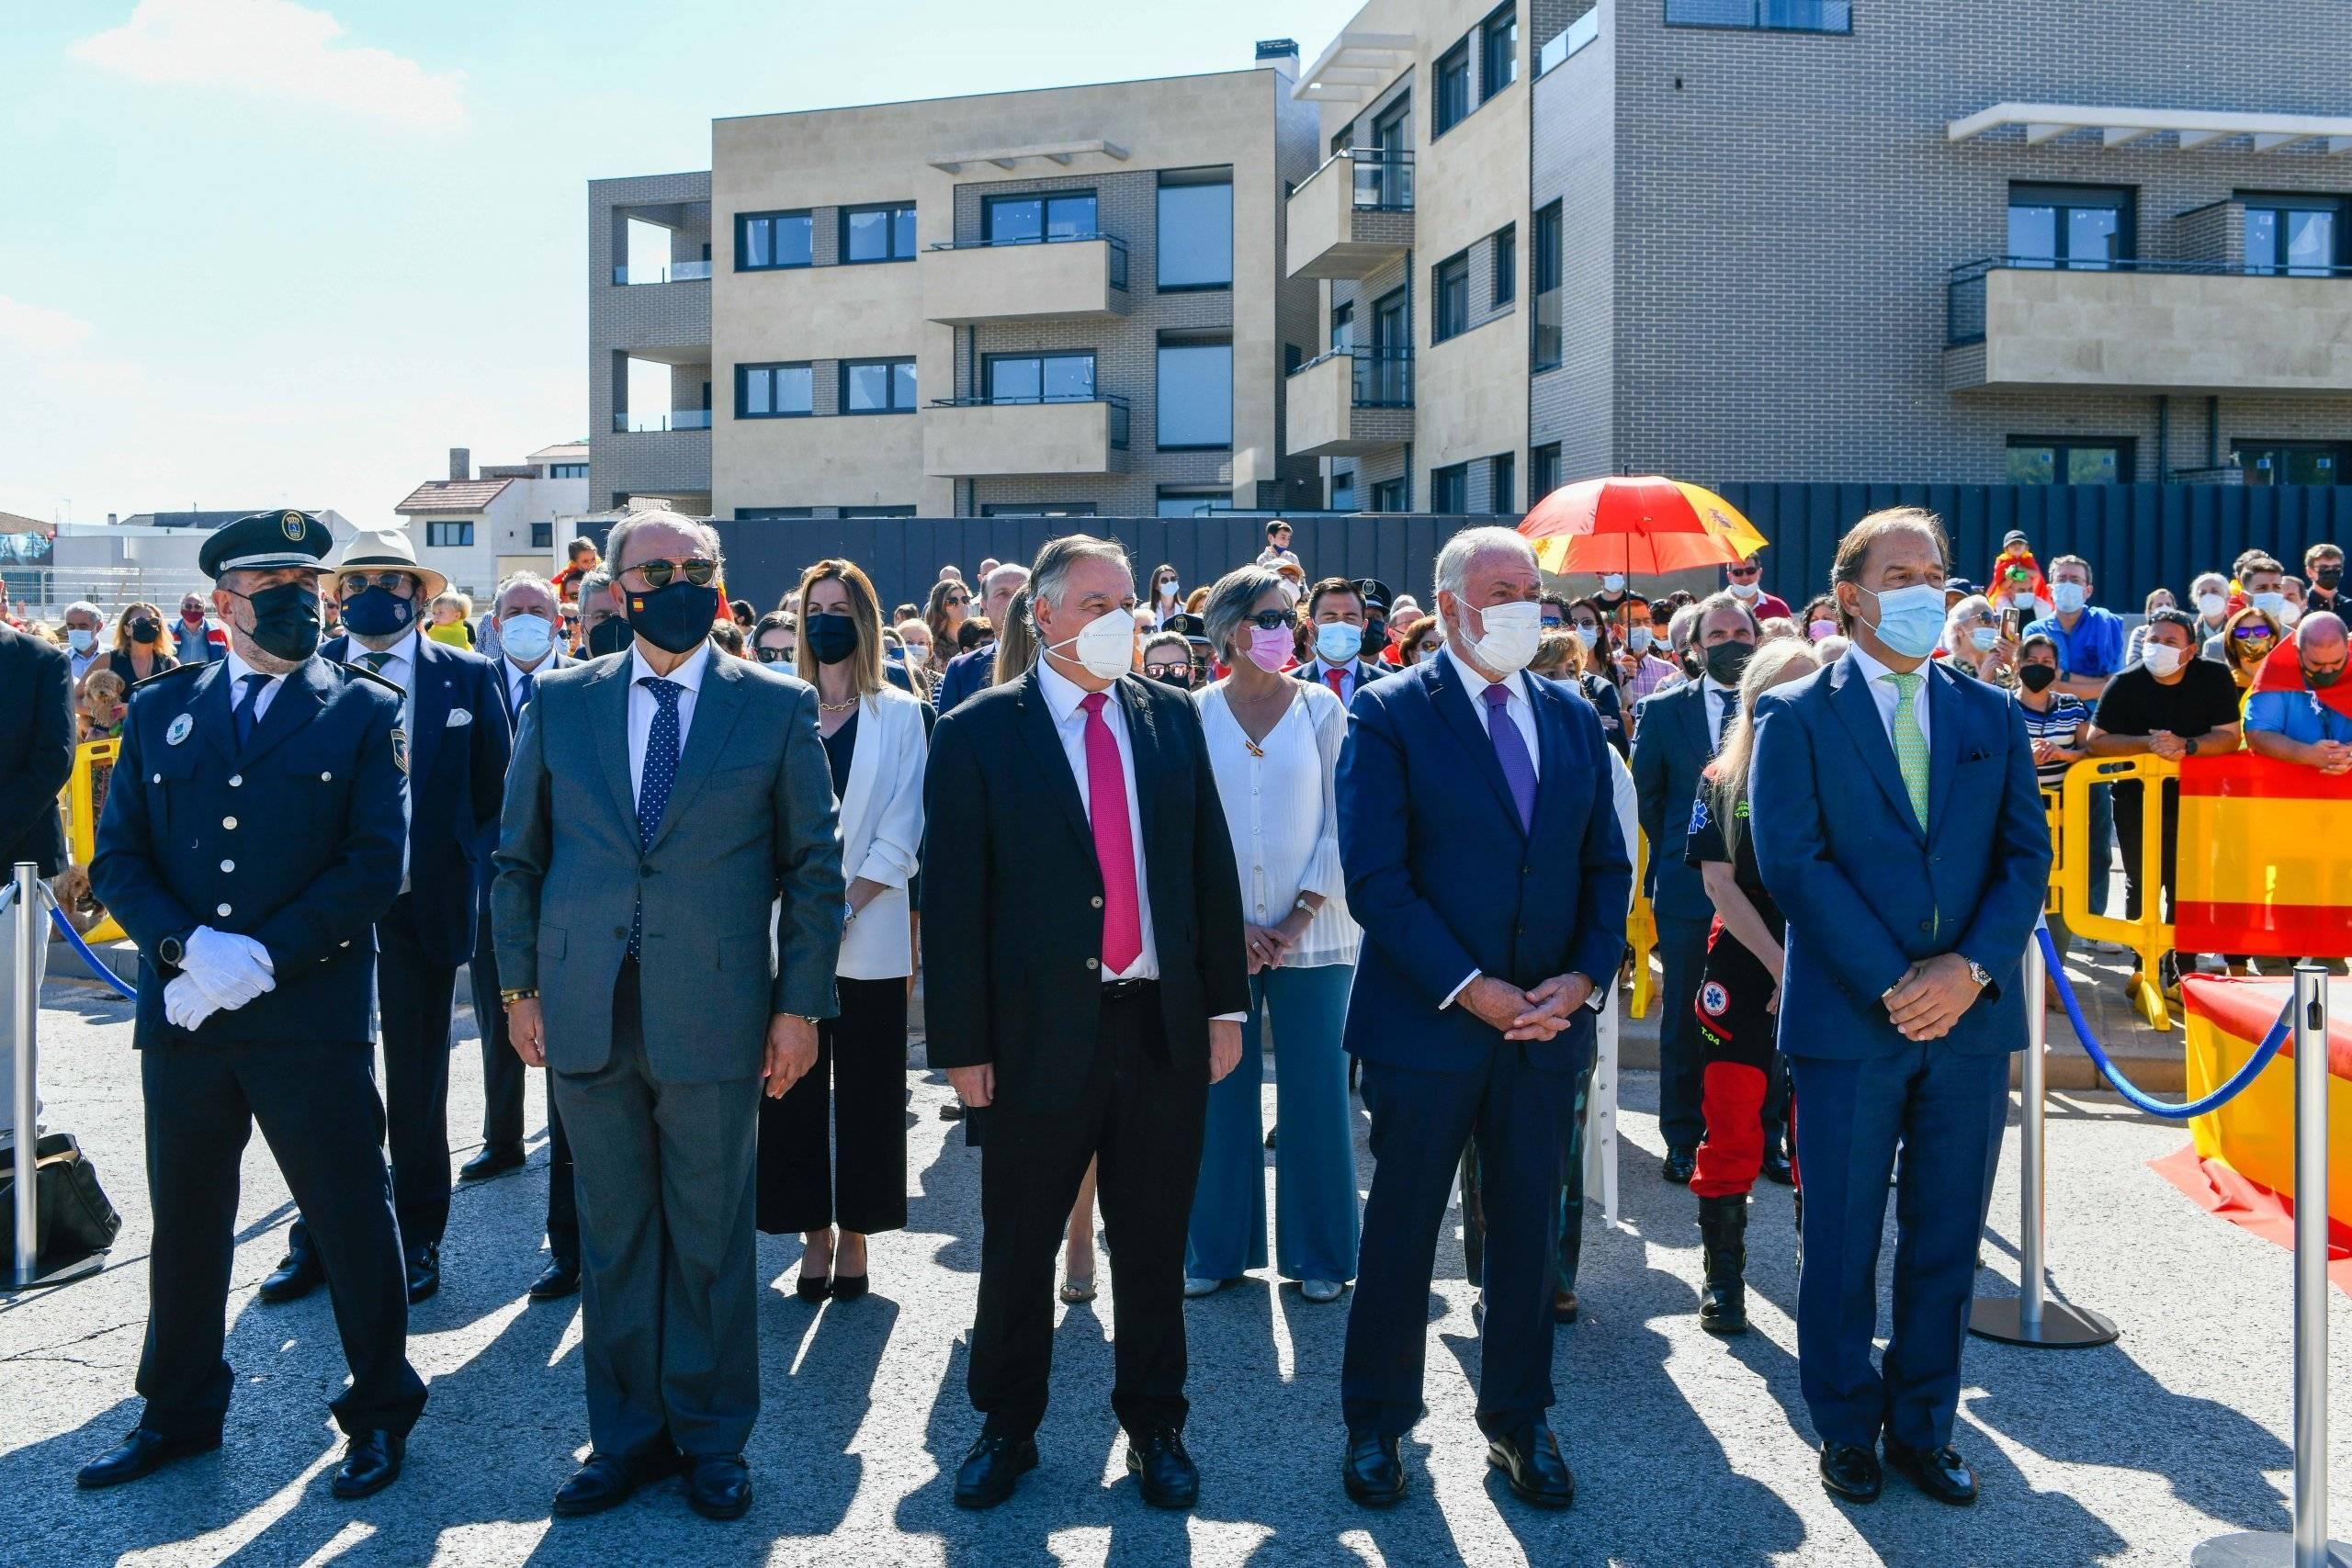 Autoridades y personalidades presentes en el acto.